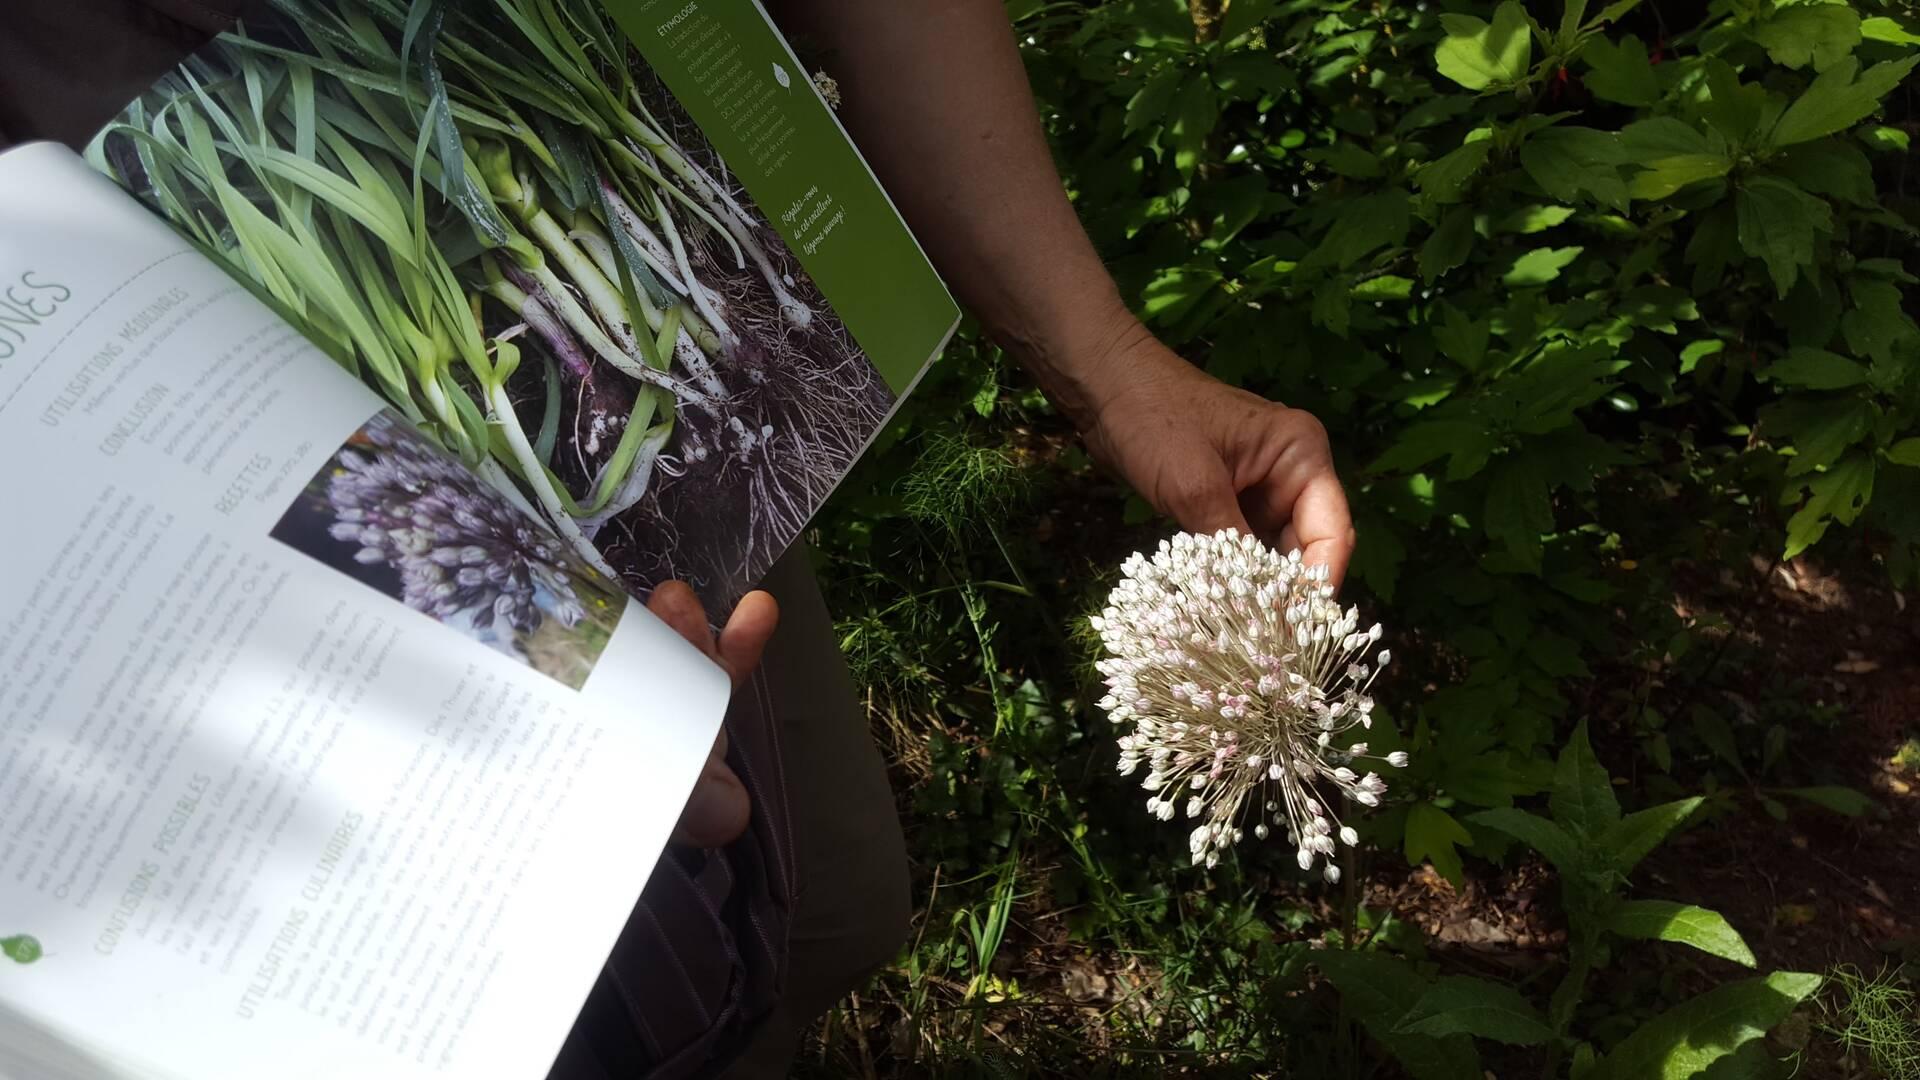 Apprendre à connaître les plantes©CE